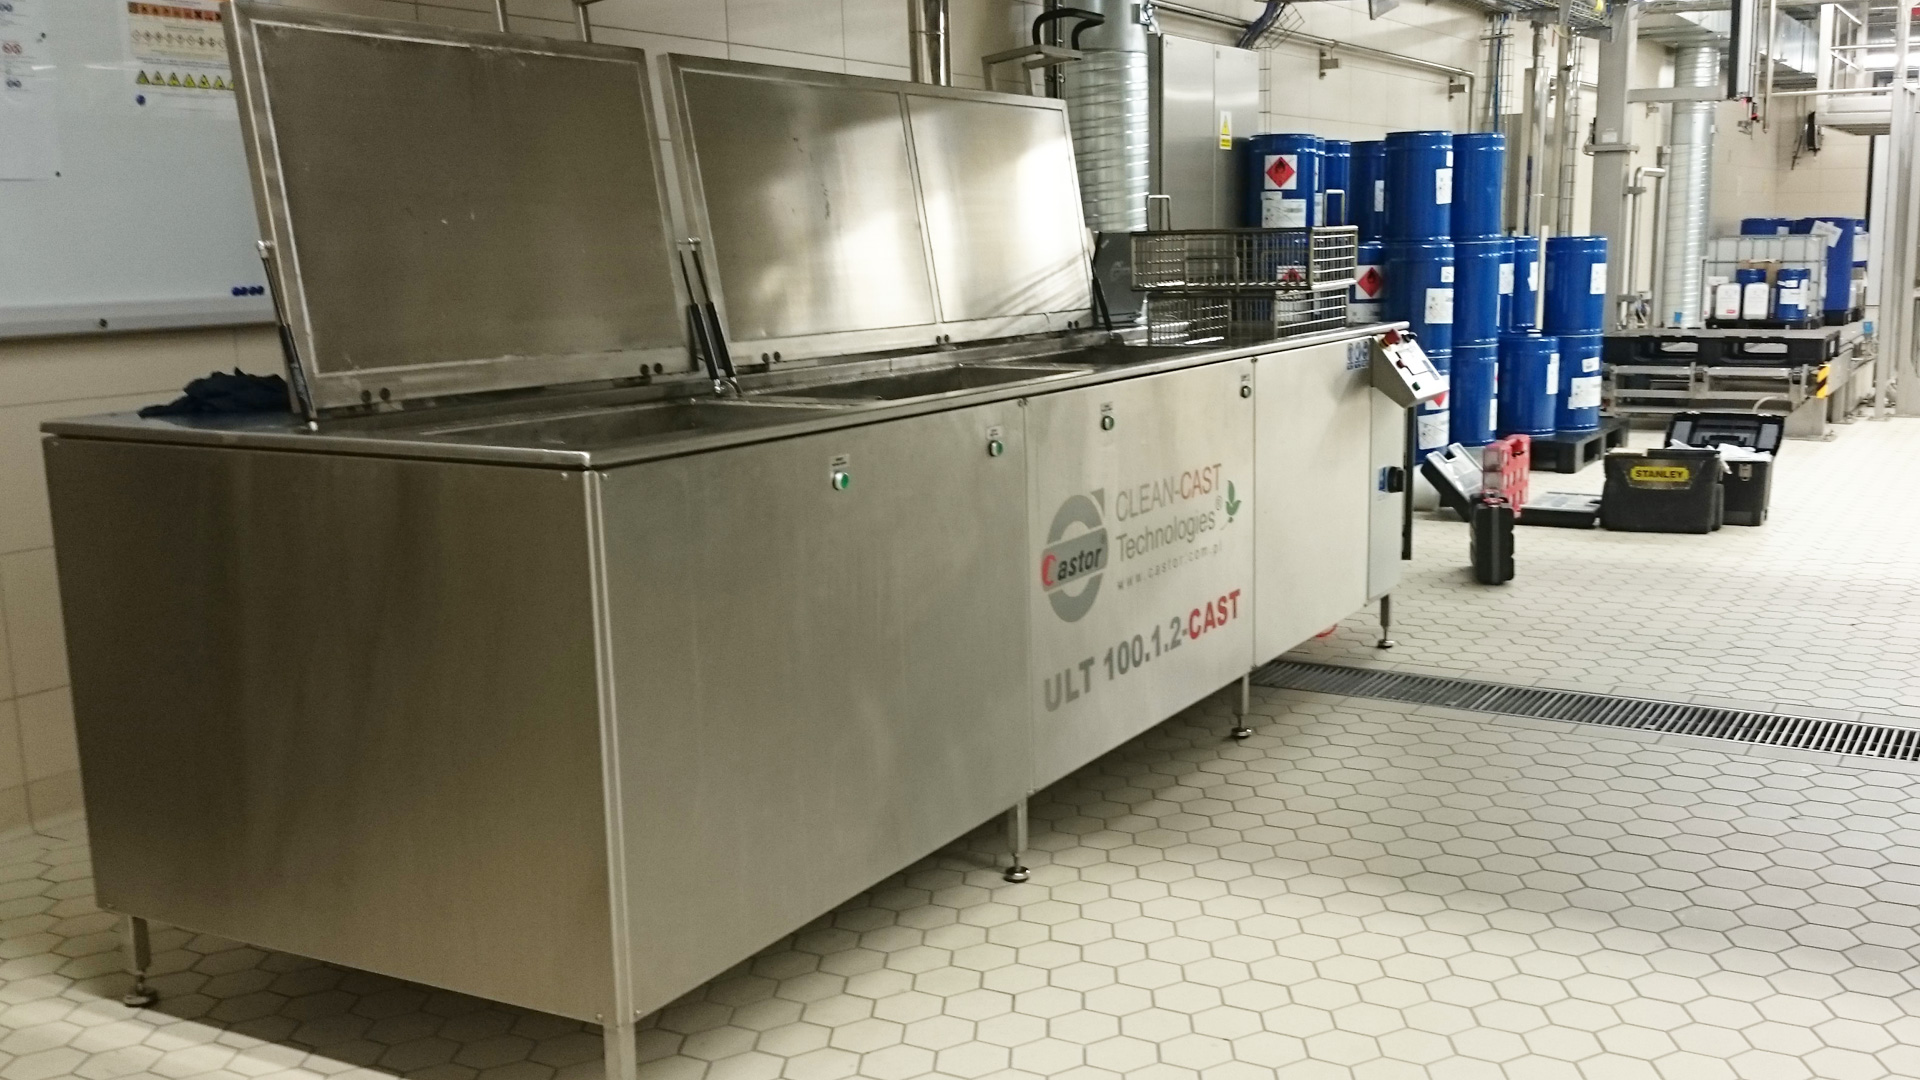 Mycie przemysłowe w ultradźwiękach